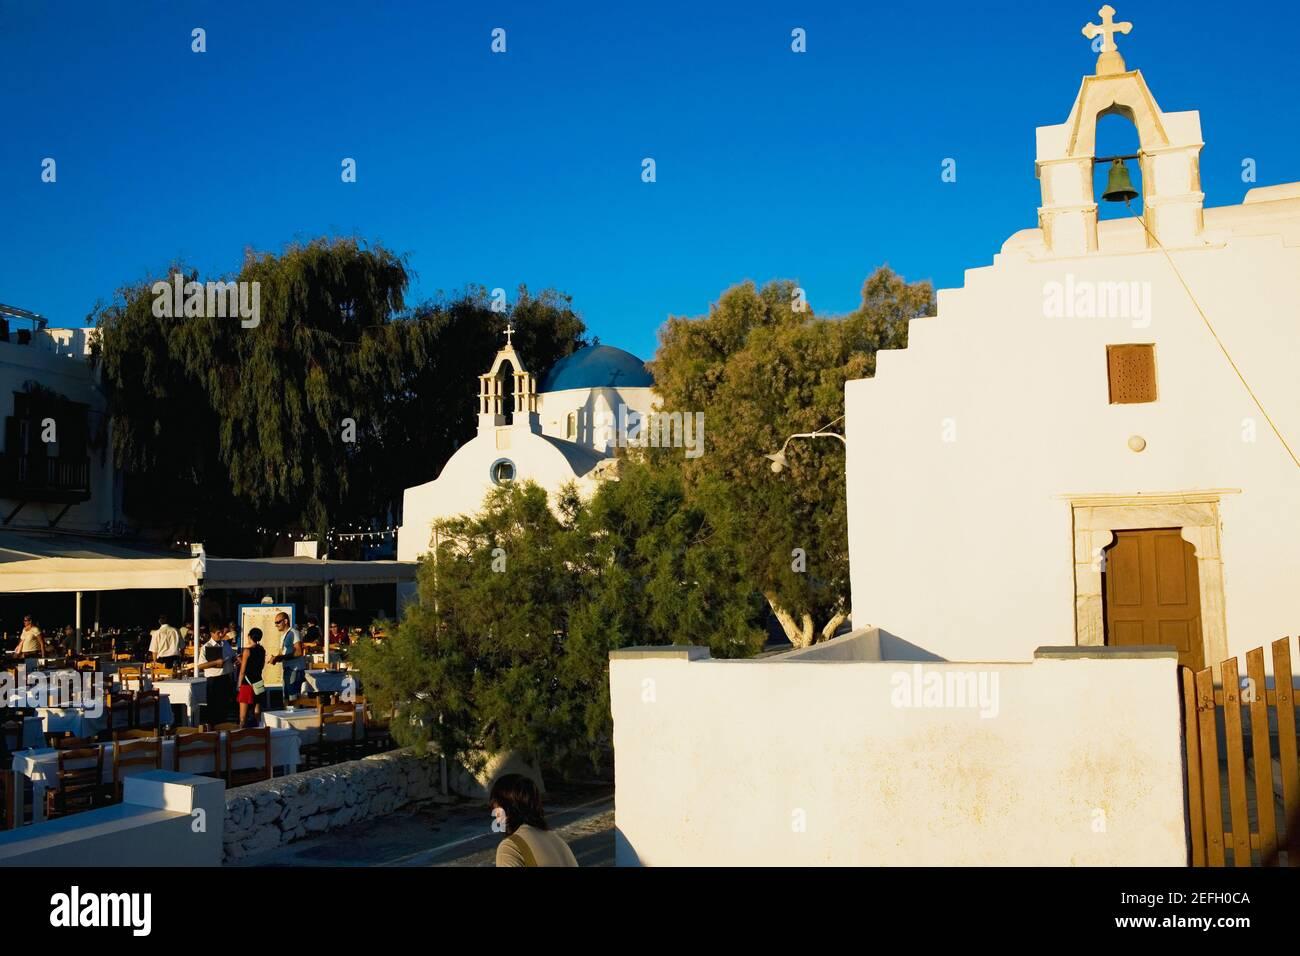 Fachada de una iglesia, Mykonos, Islas Cícladas, Grecia Foto de stock